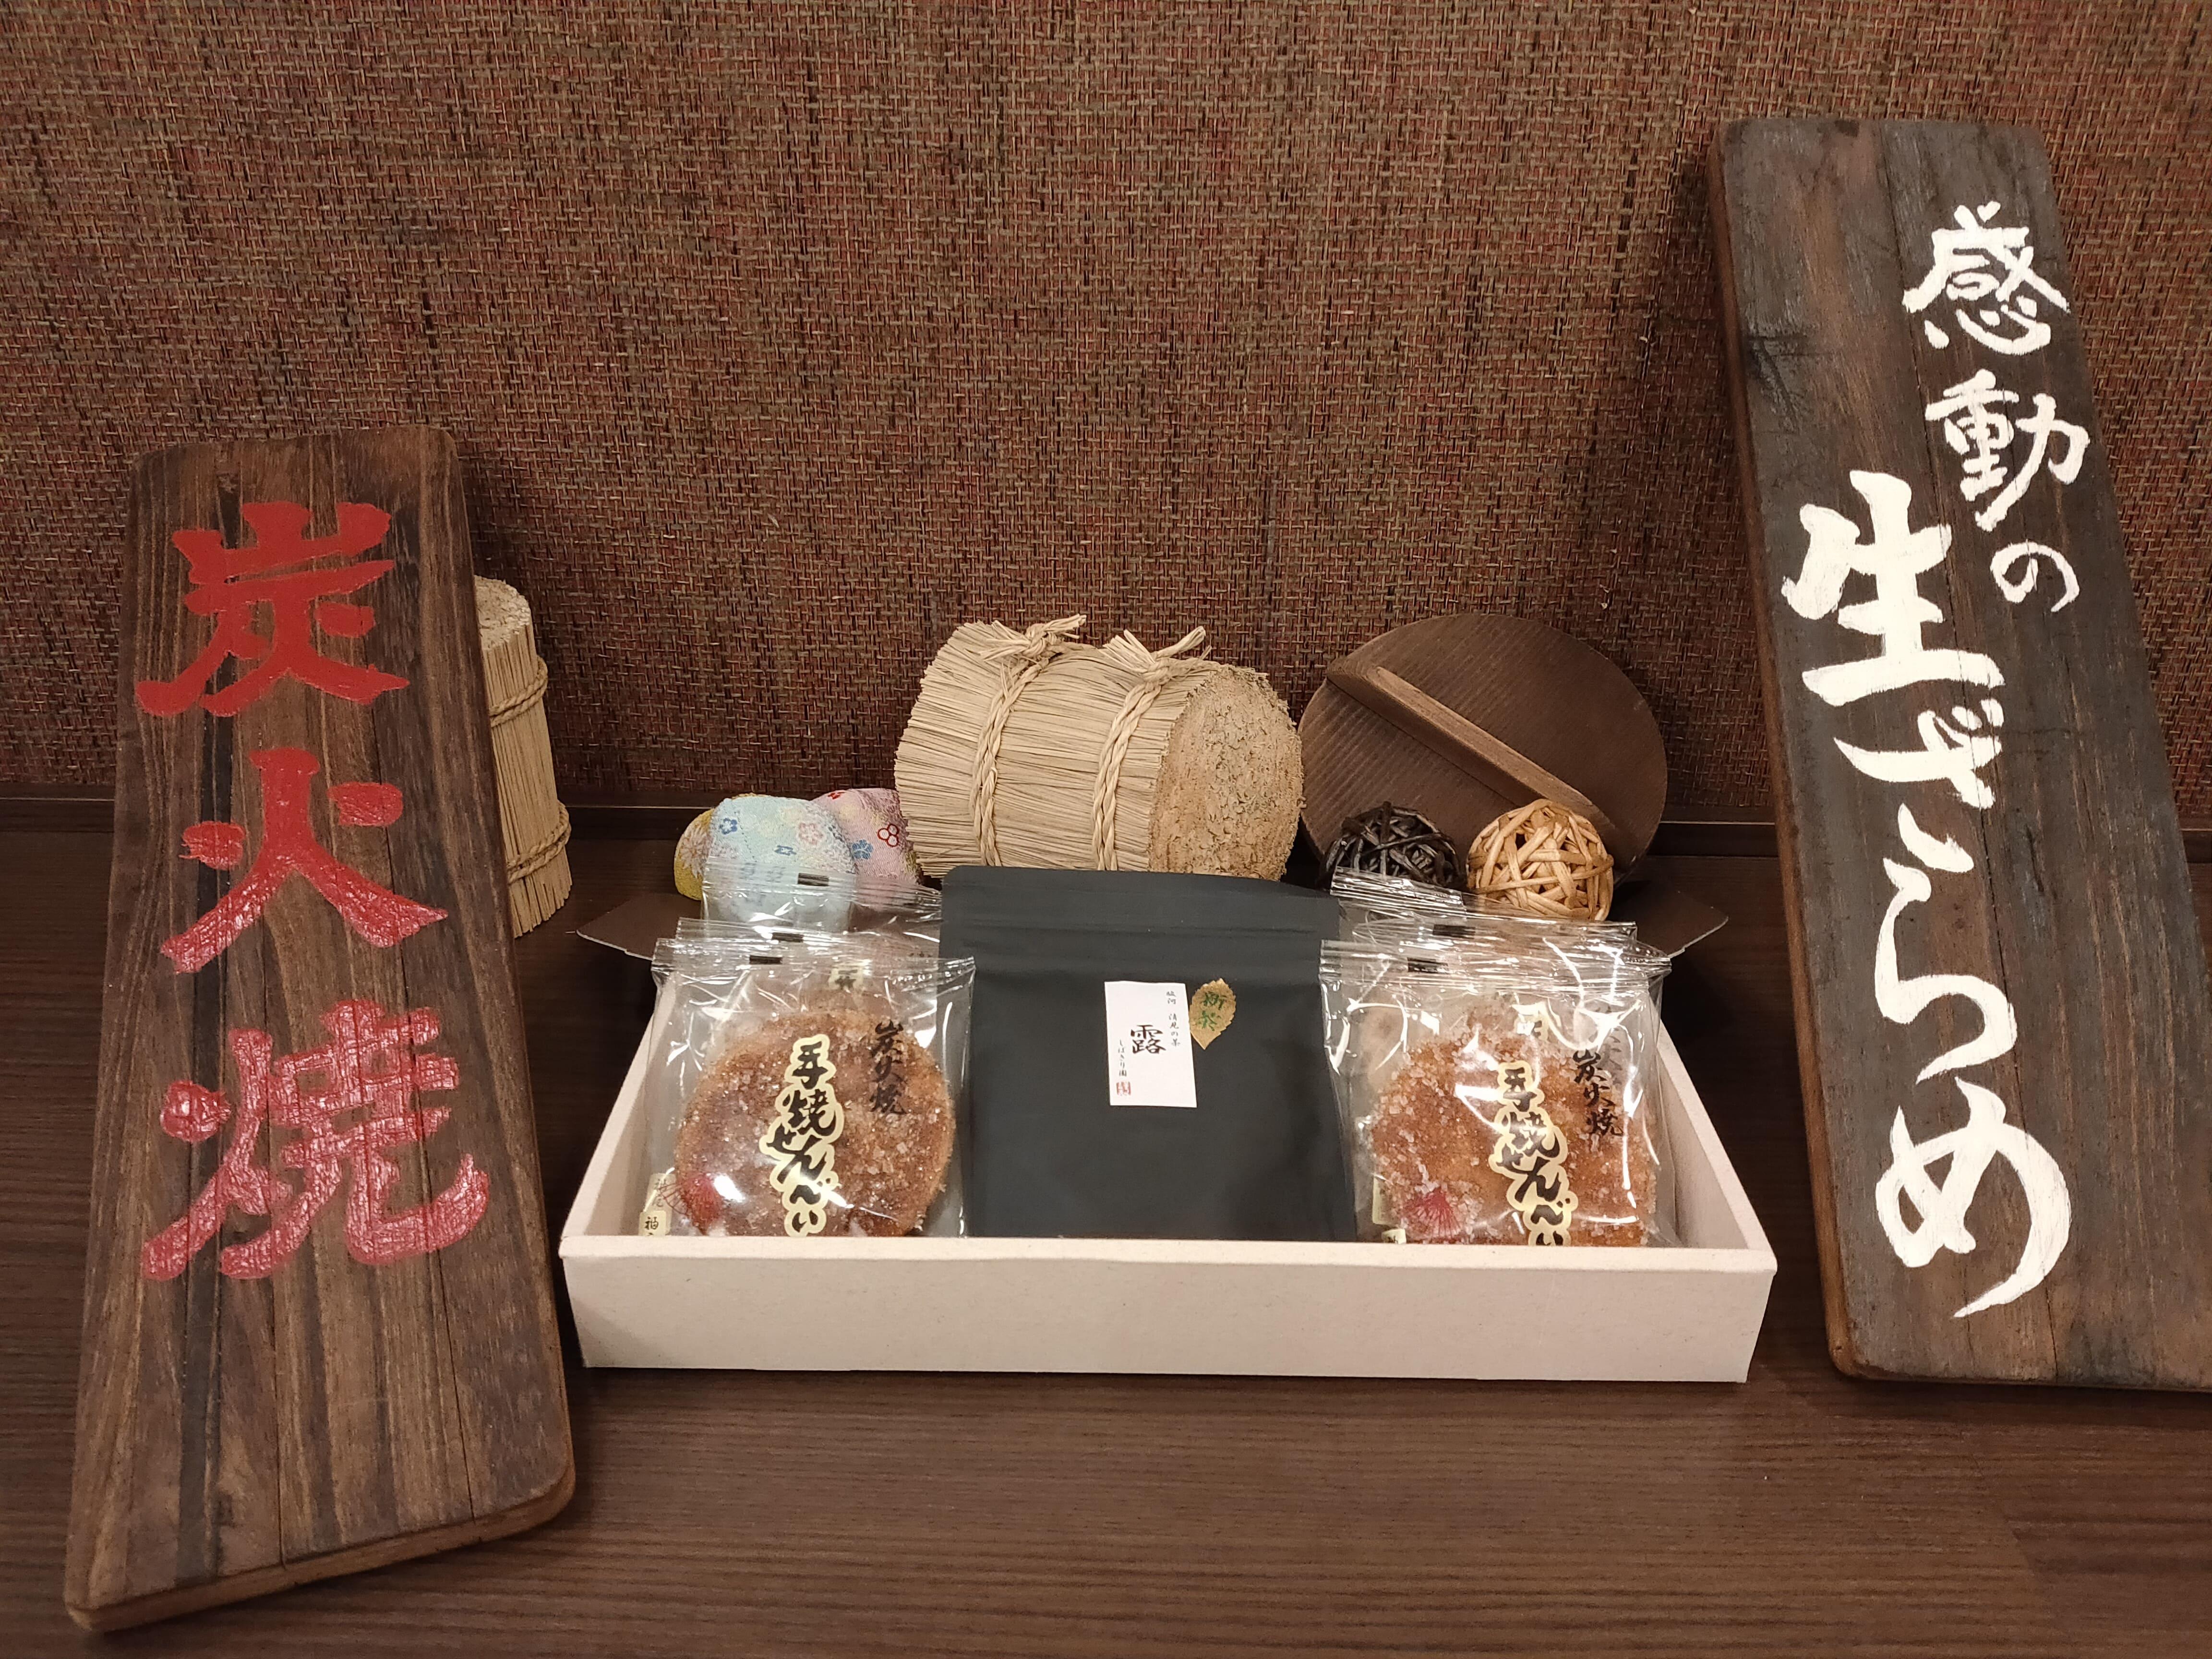 ~双~銚子・福屋と静岡煎茶「しばきり園」のコラボ商品【期間・数量限定(30箱)】